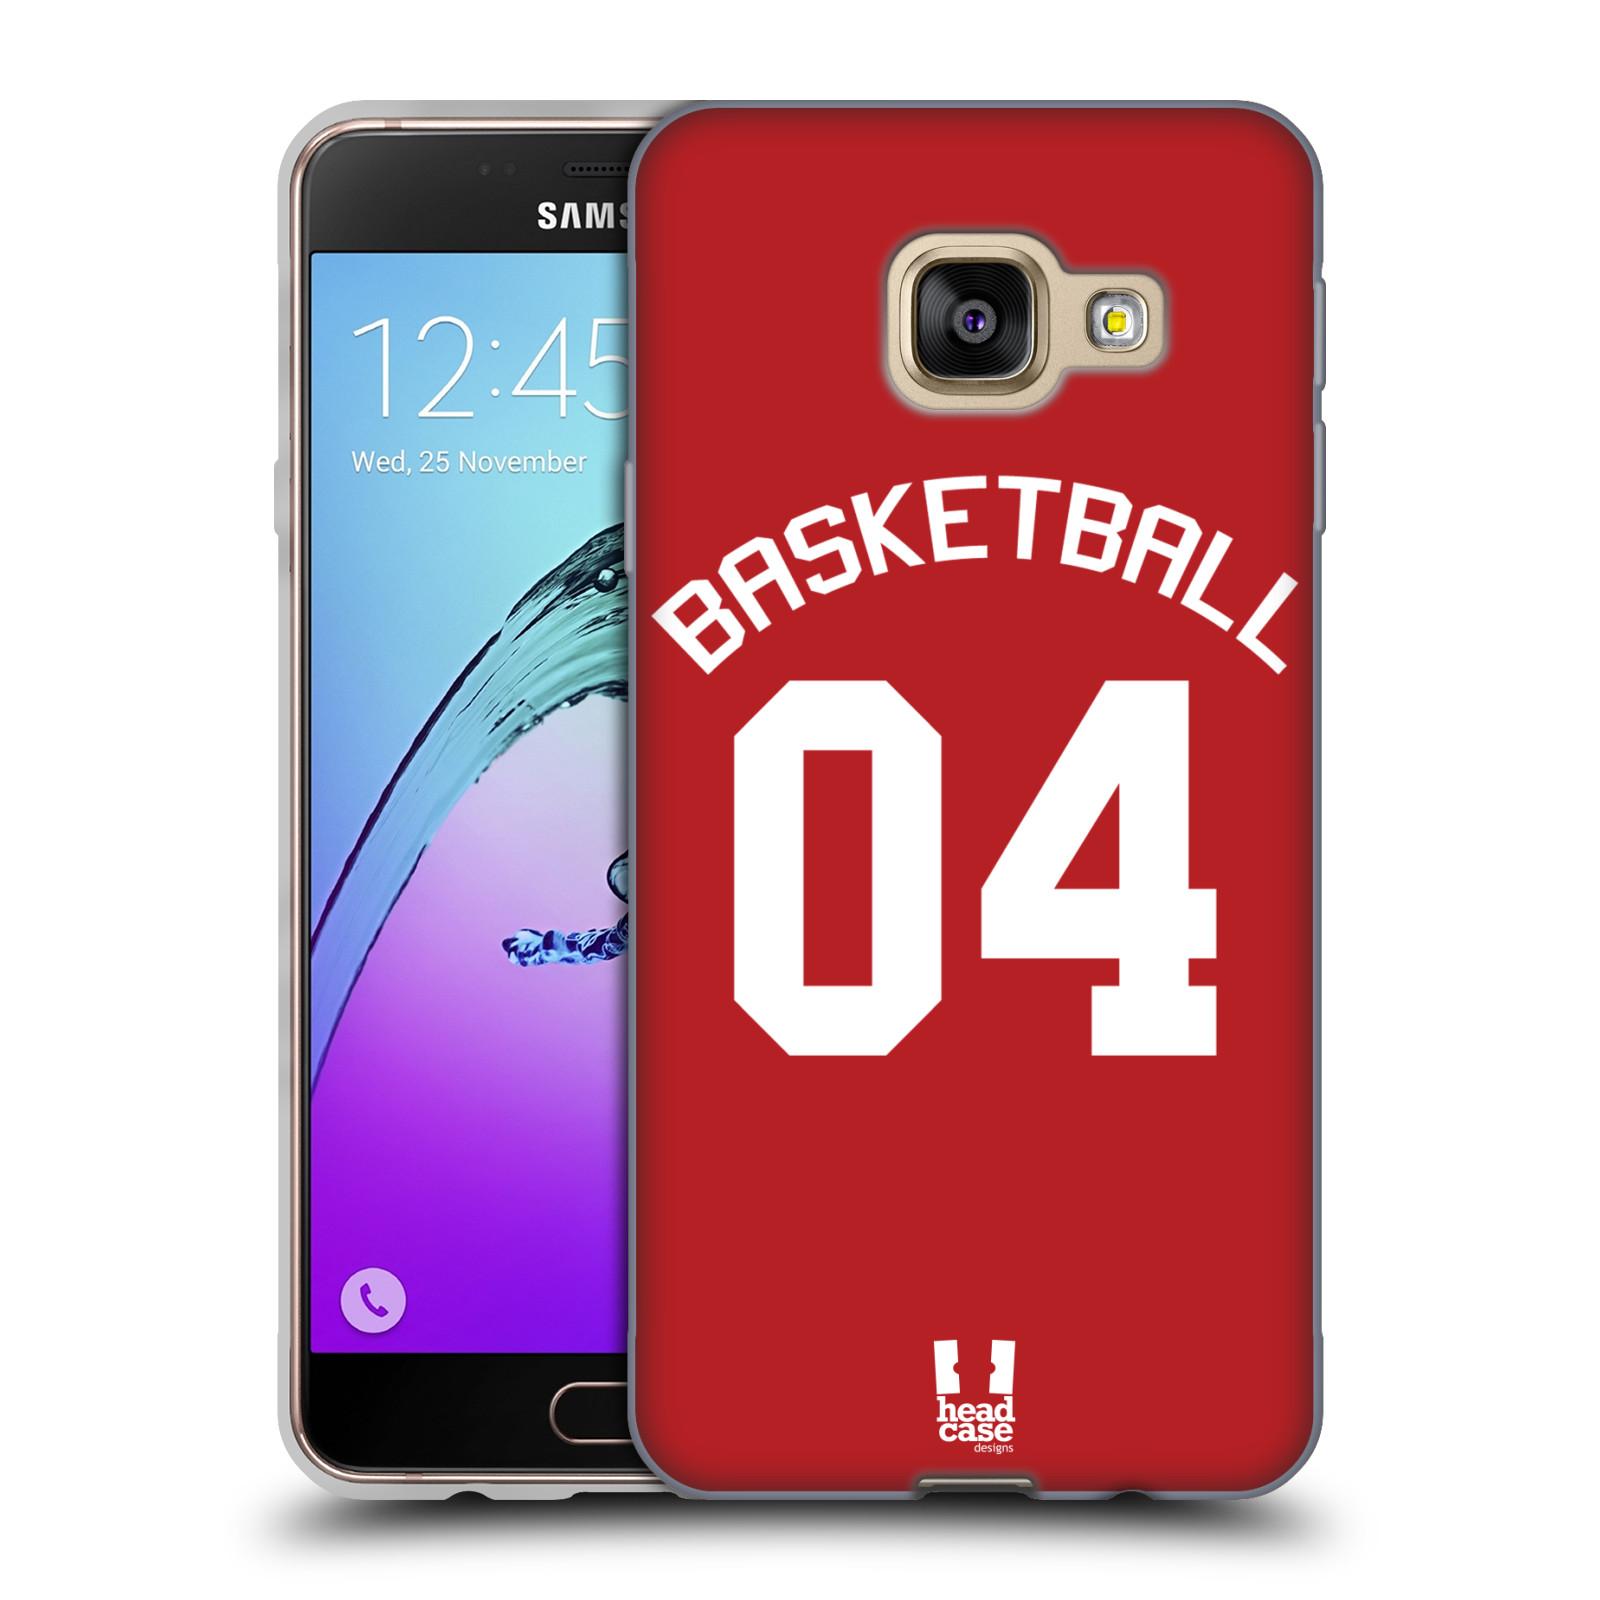 HEAD CASE silikonový obal na mobil Samsung Galaxy A3 2016 (A310) Sportovní dres Basketbal červený